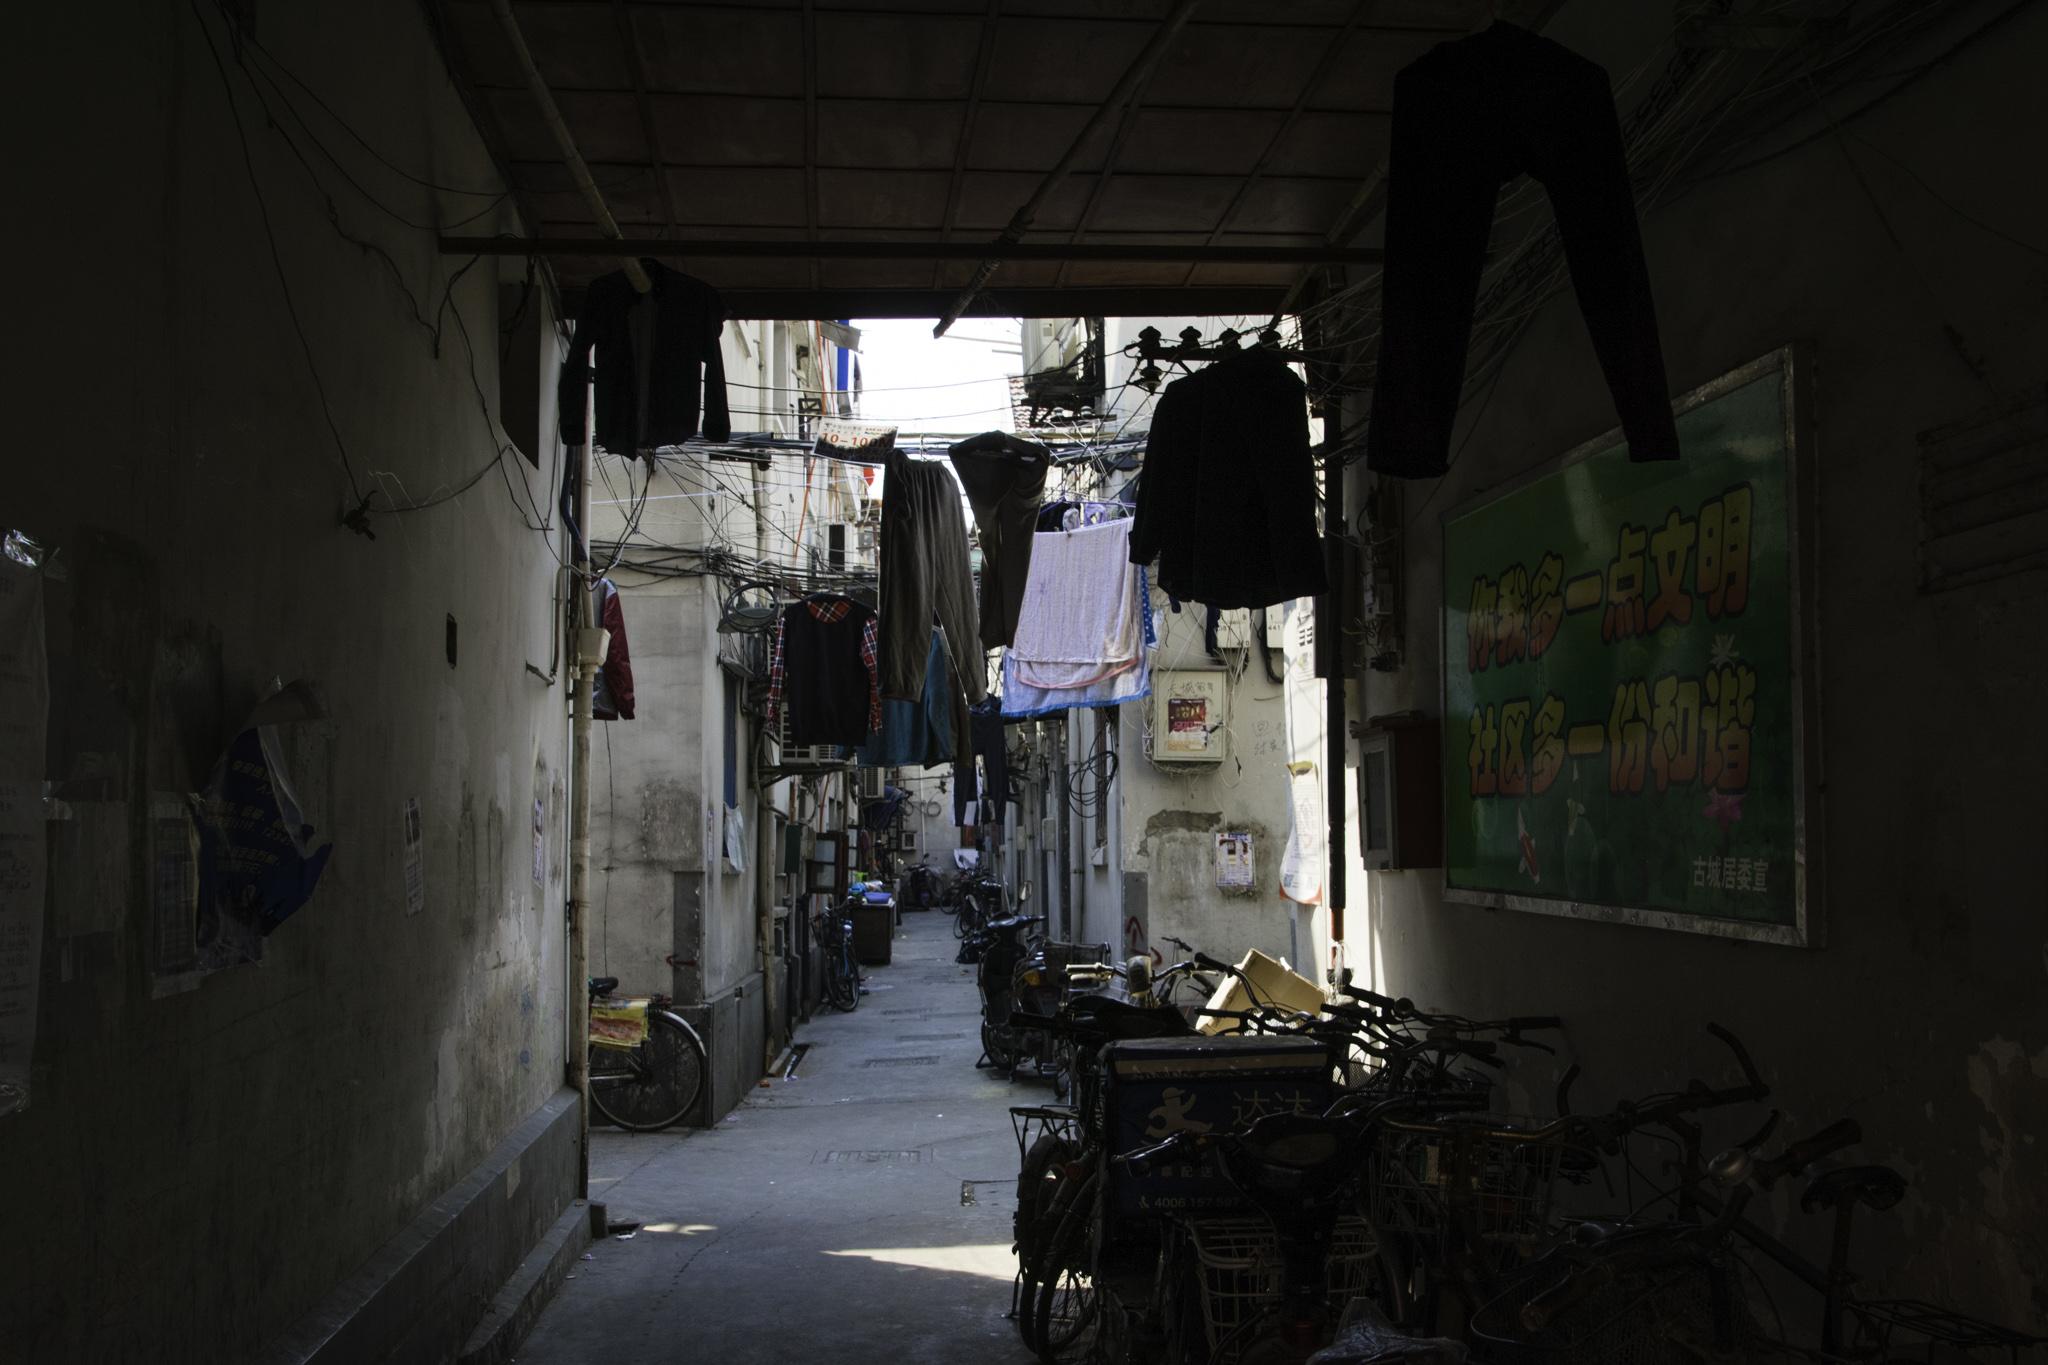 Das Tor in eine andere Welt mitten in Shanghai